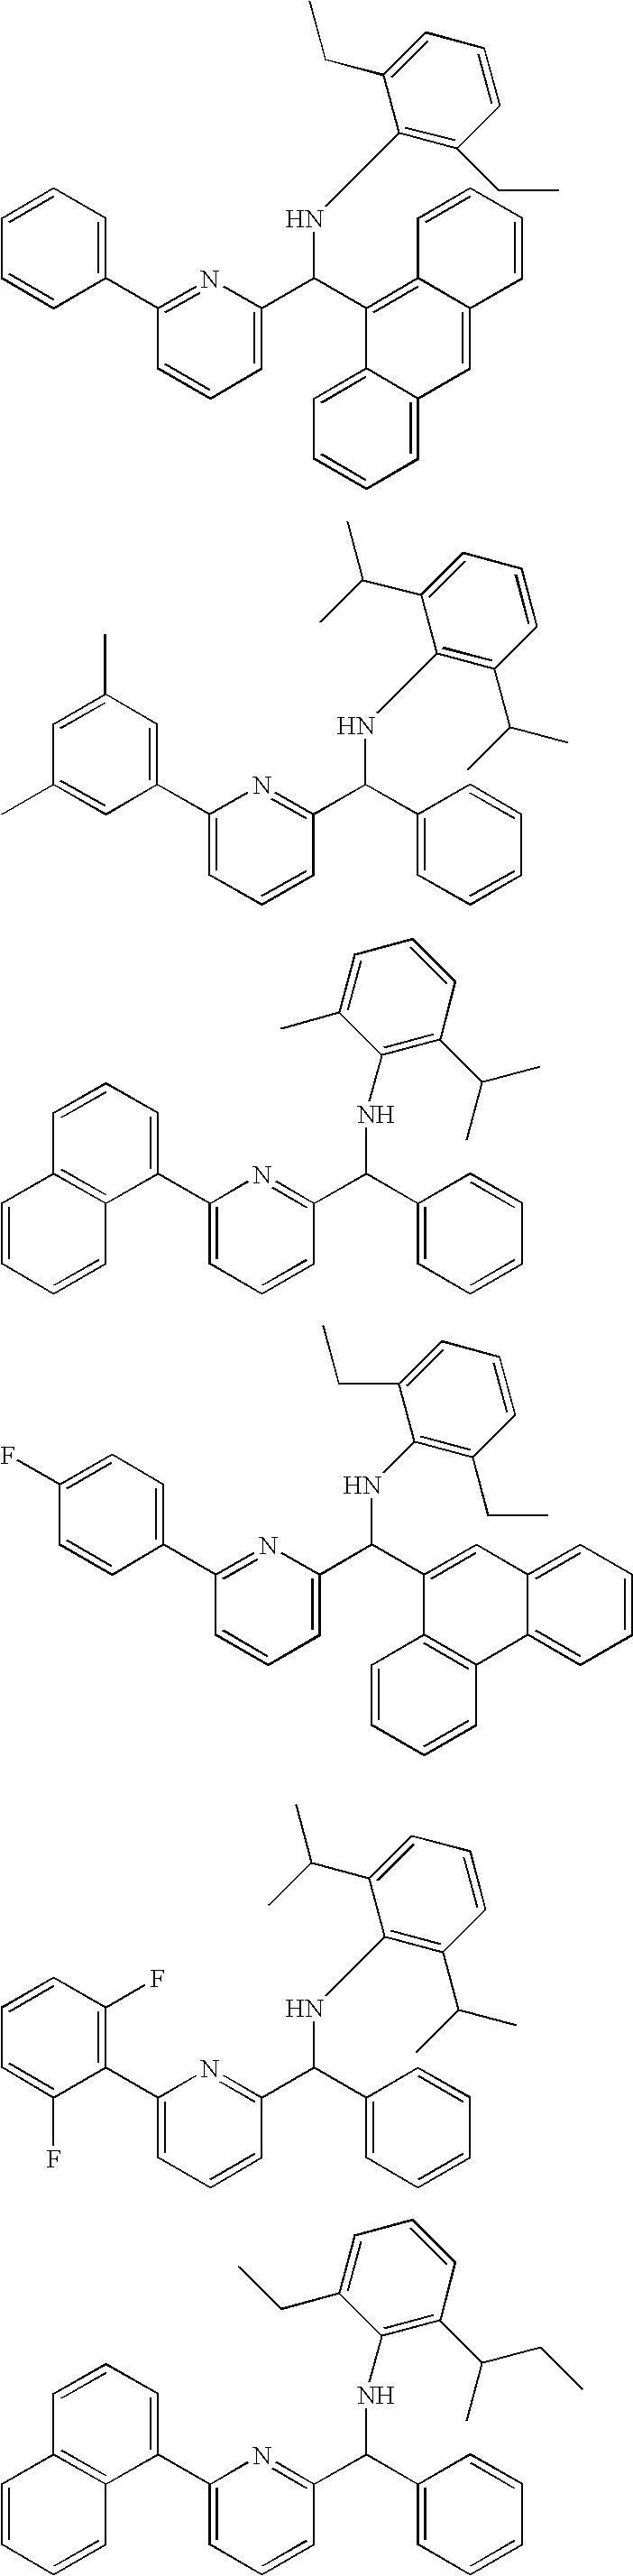 Figure US06900321-20050531-C00015